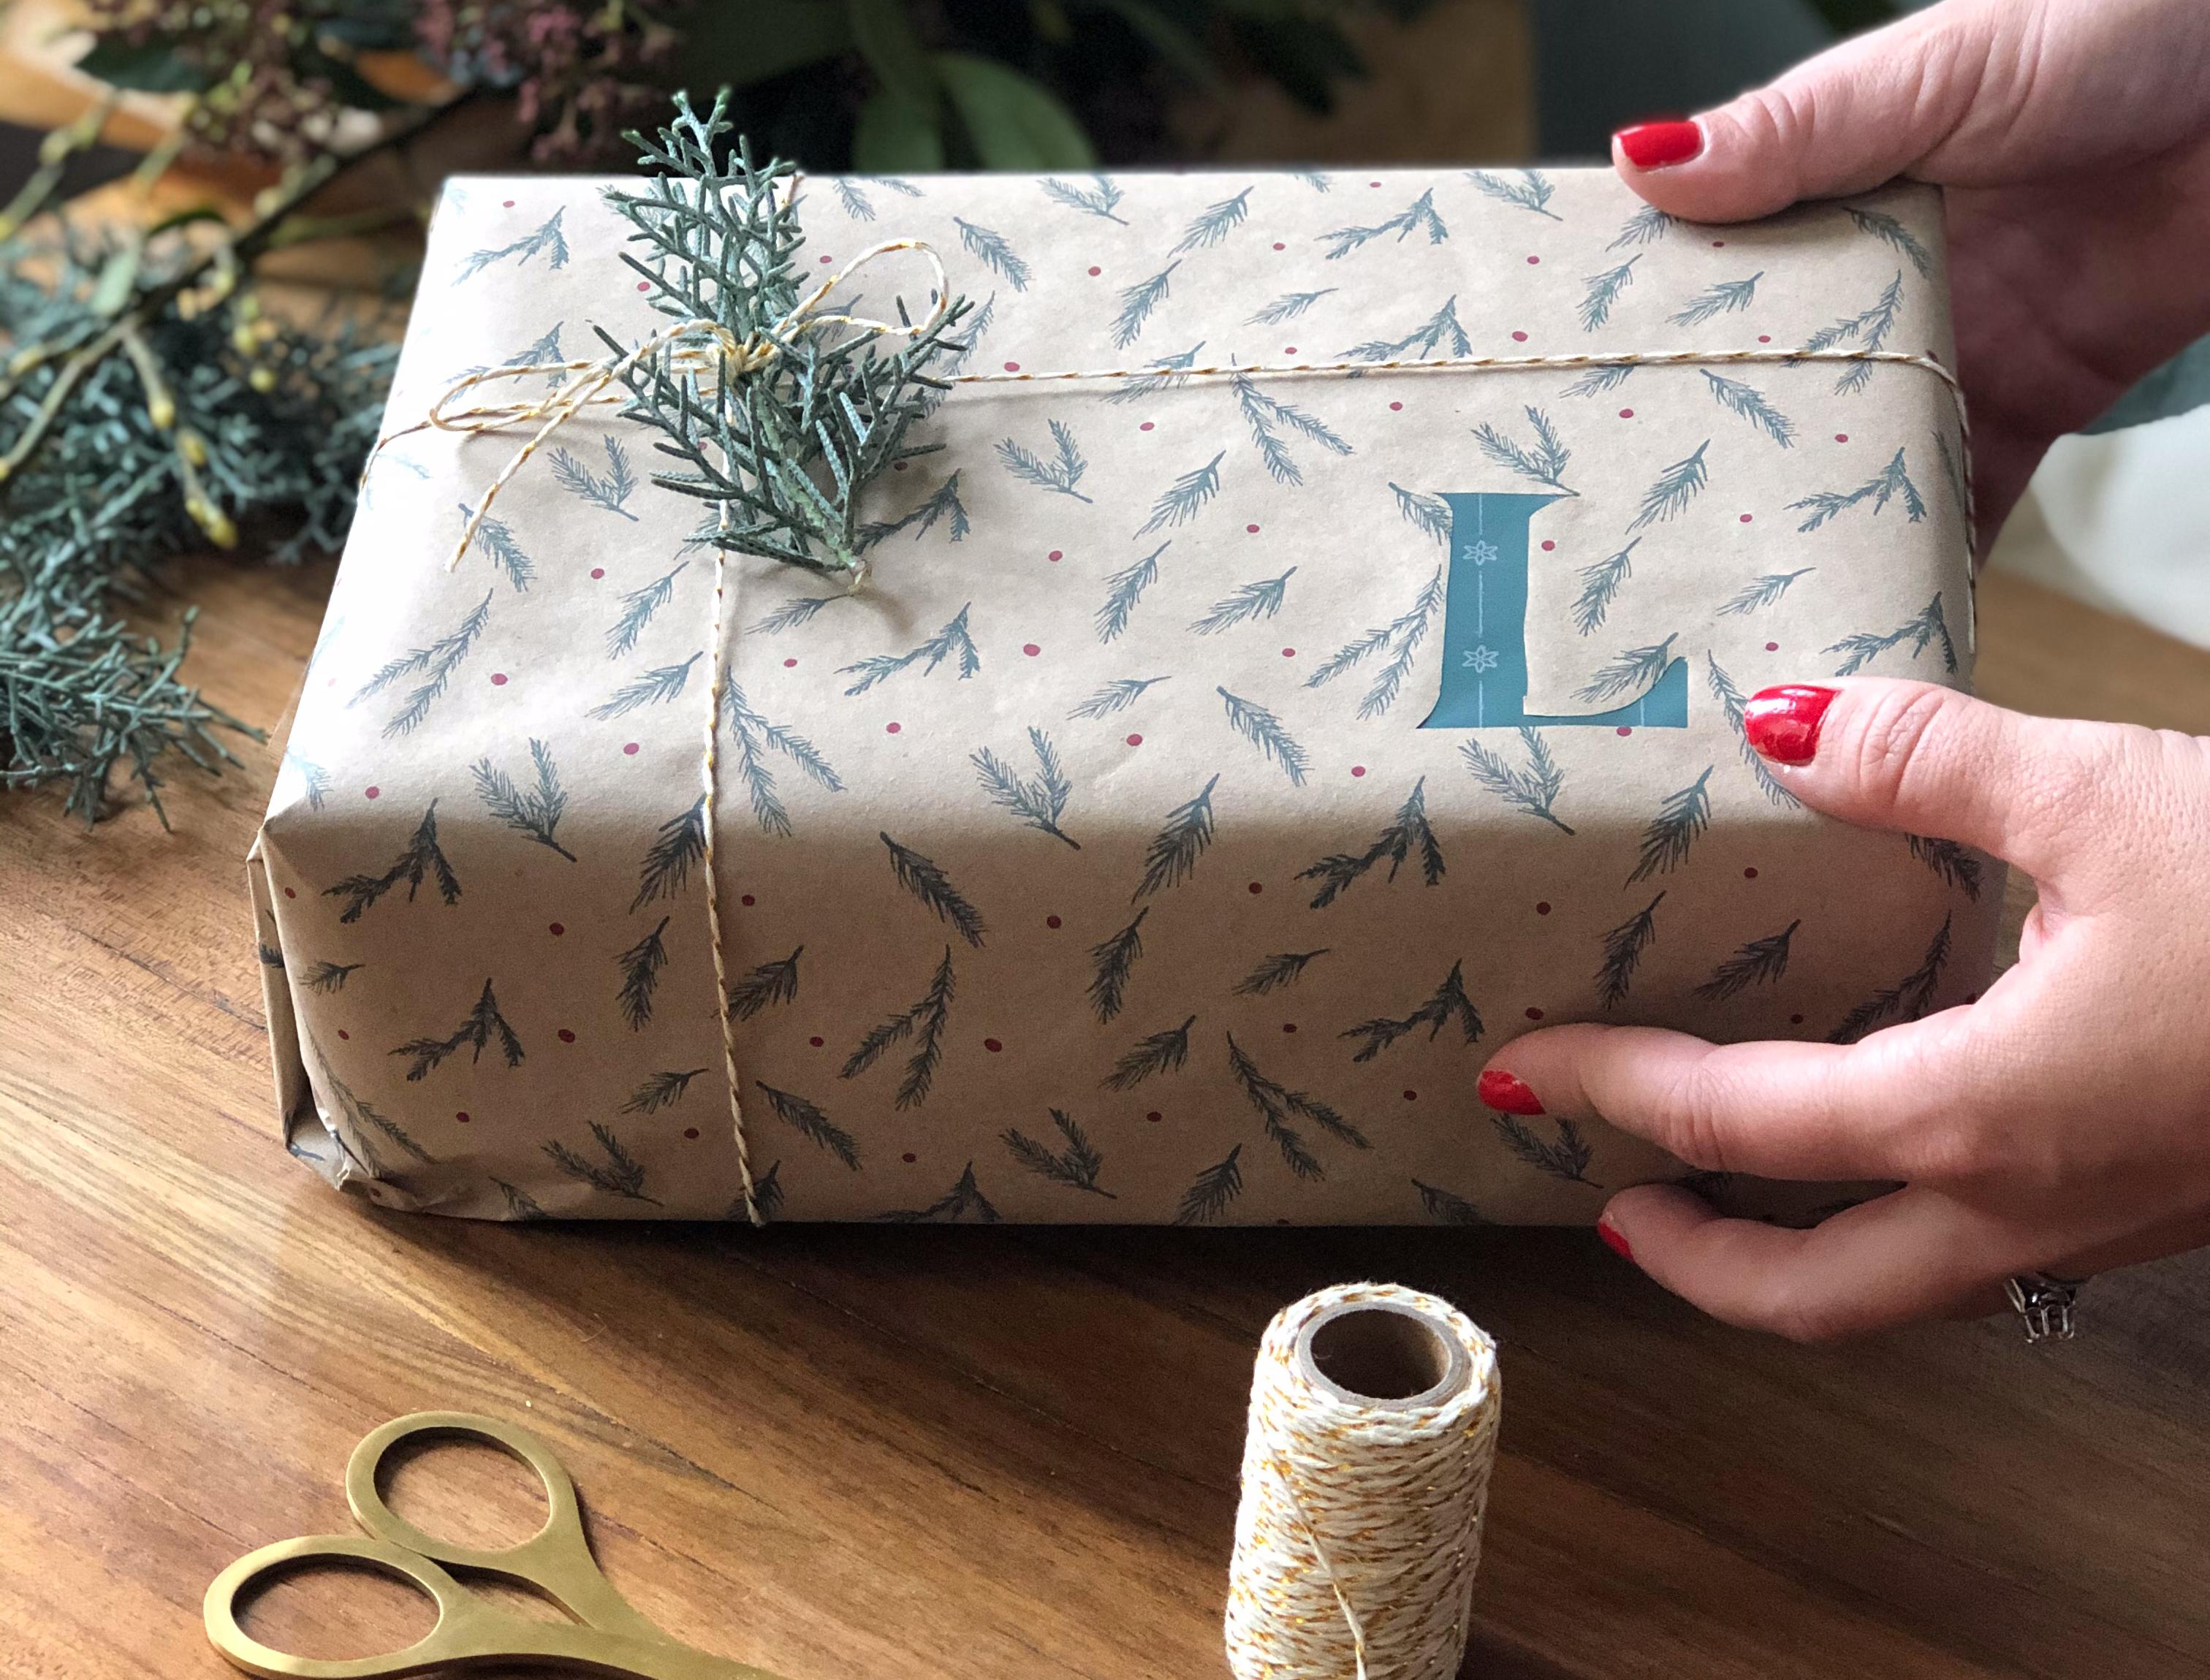 emballage_cadeaux_noc3abl6383-2.jpg